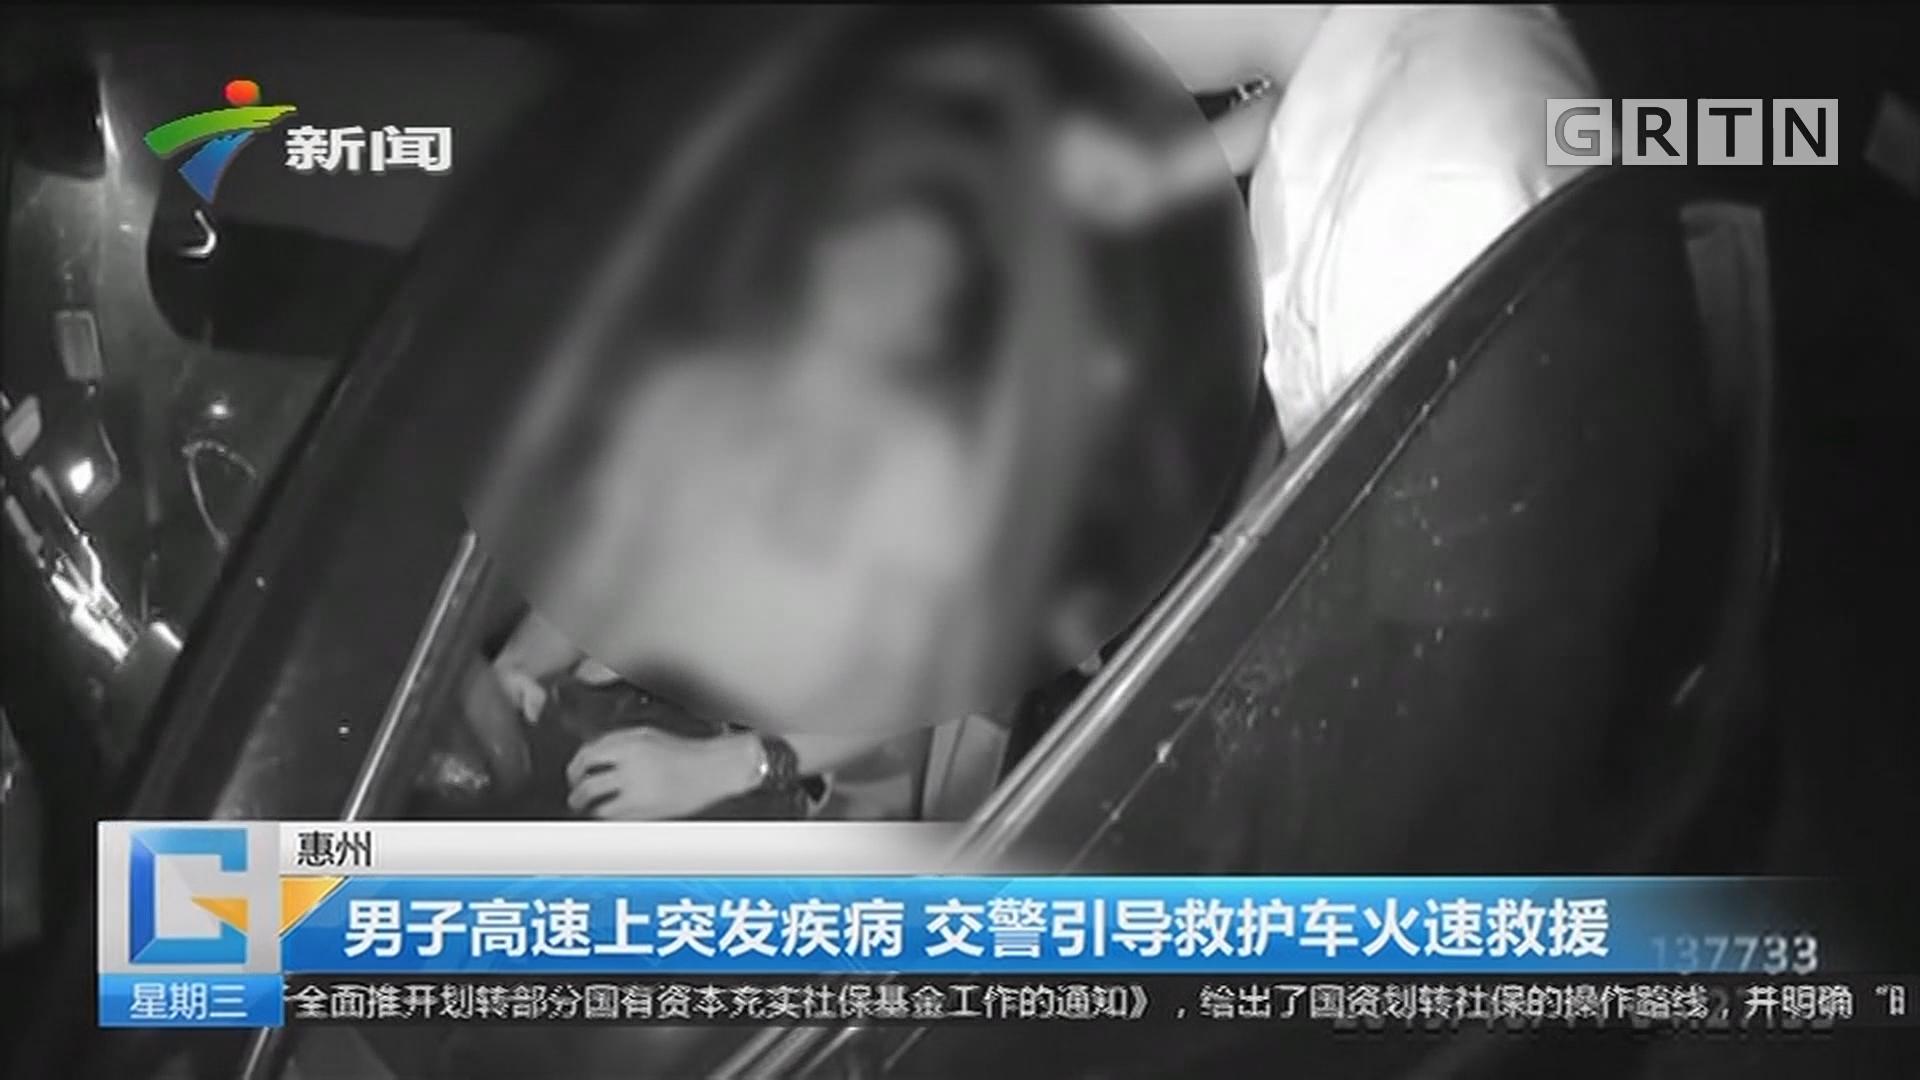 惠洲:男子高速上突发疾病 交警引导救护车火速救援